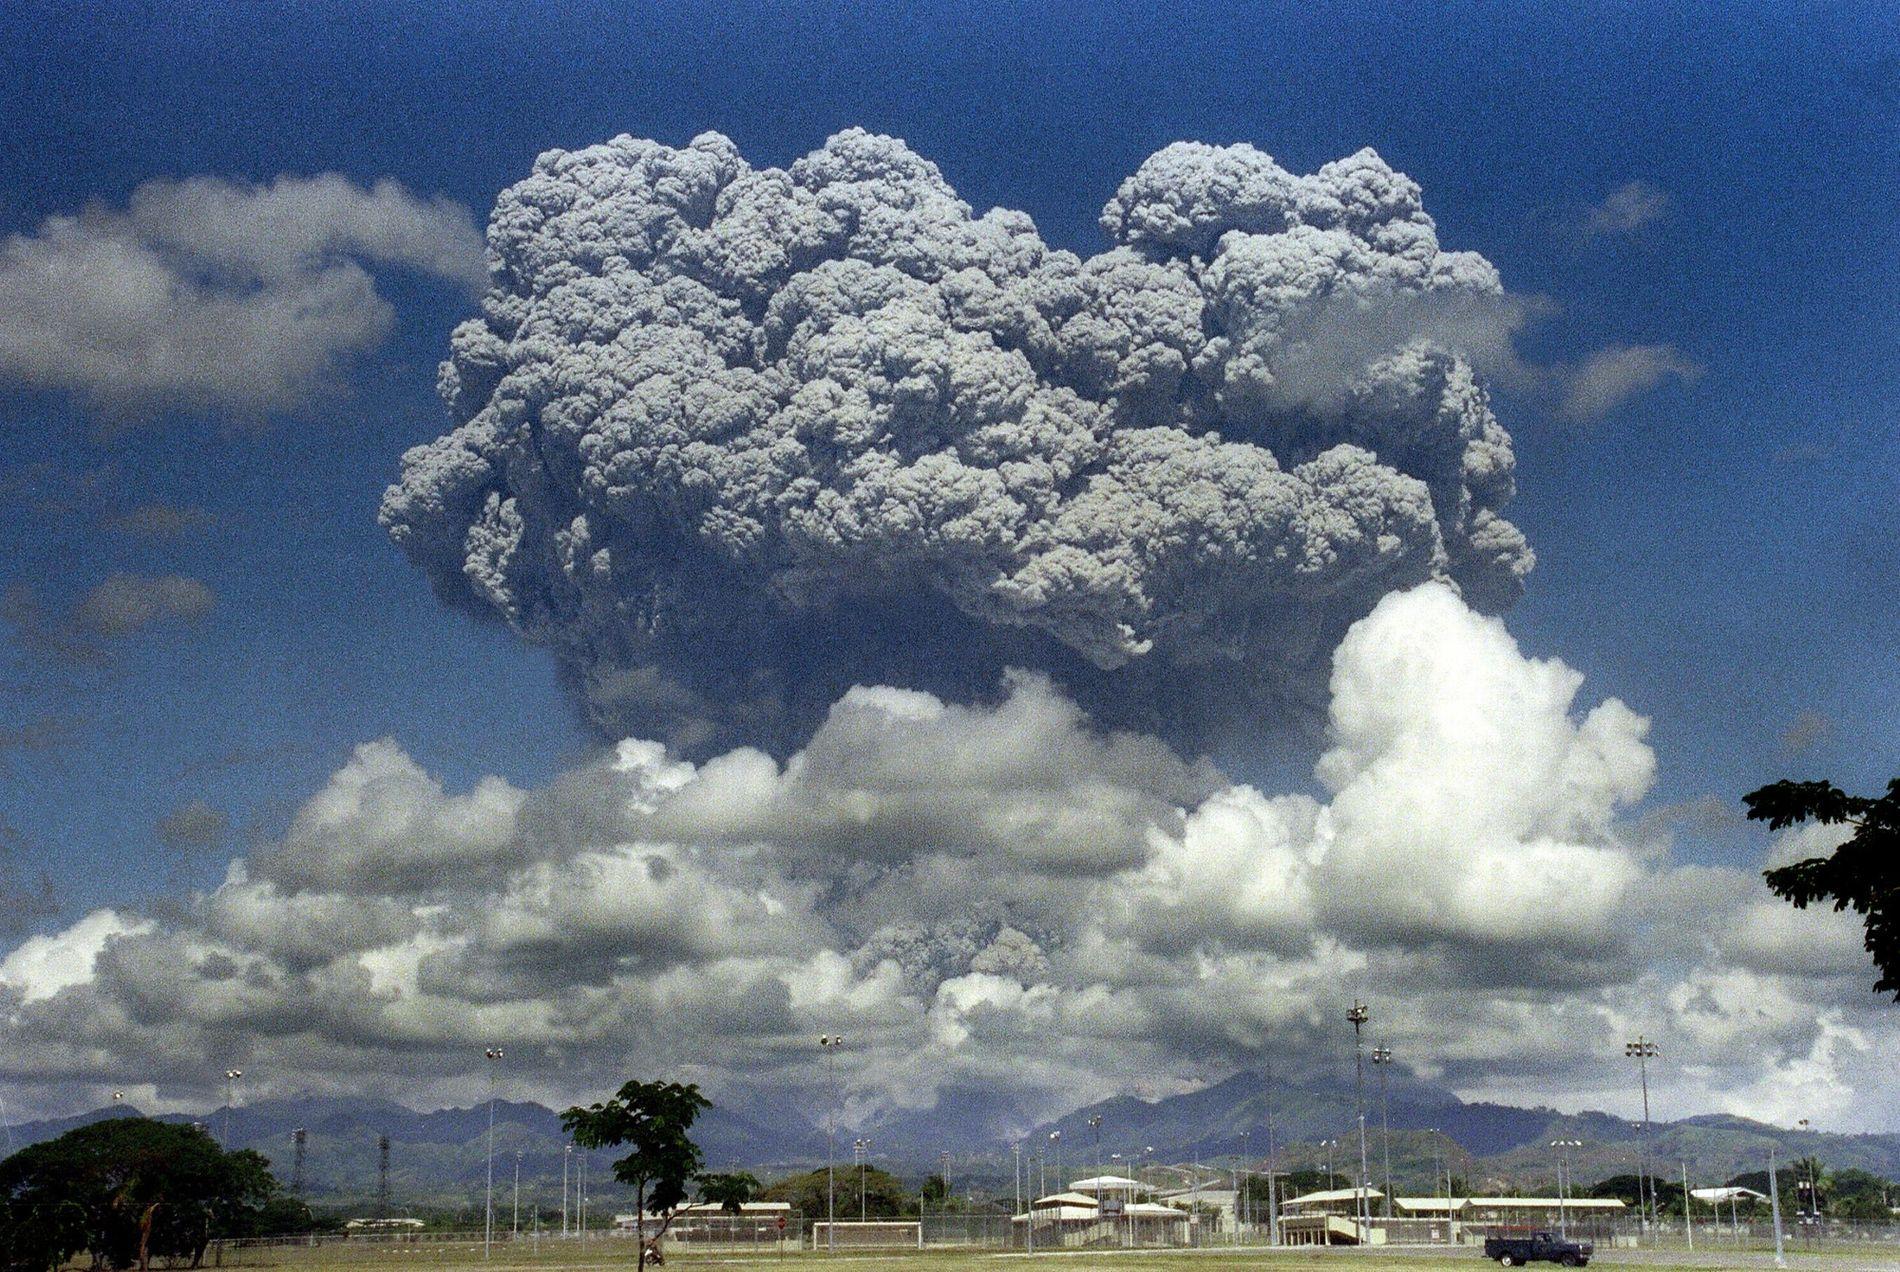 SENKET TEMPERATUREN: I juni 1991 skjedde et av de største vulkanutbruddene i forrige århundre, da VEI-7-vulkanen Pinatubo på Filippinene hadde utbrudd. 700 omkom og 100 00 ble hjemløse. Temperaturen på kloden ble senket med 0,5 grader.